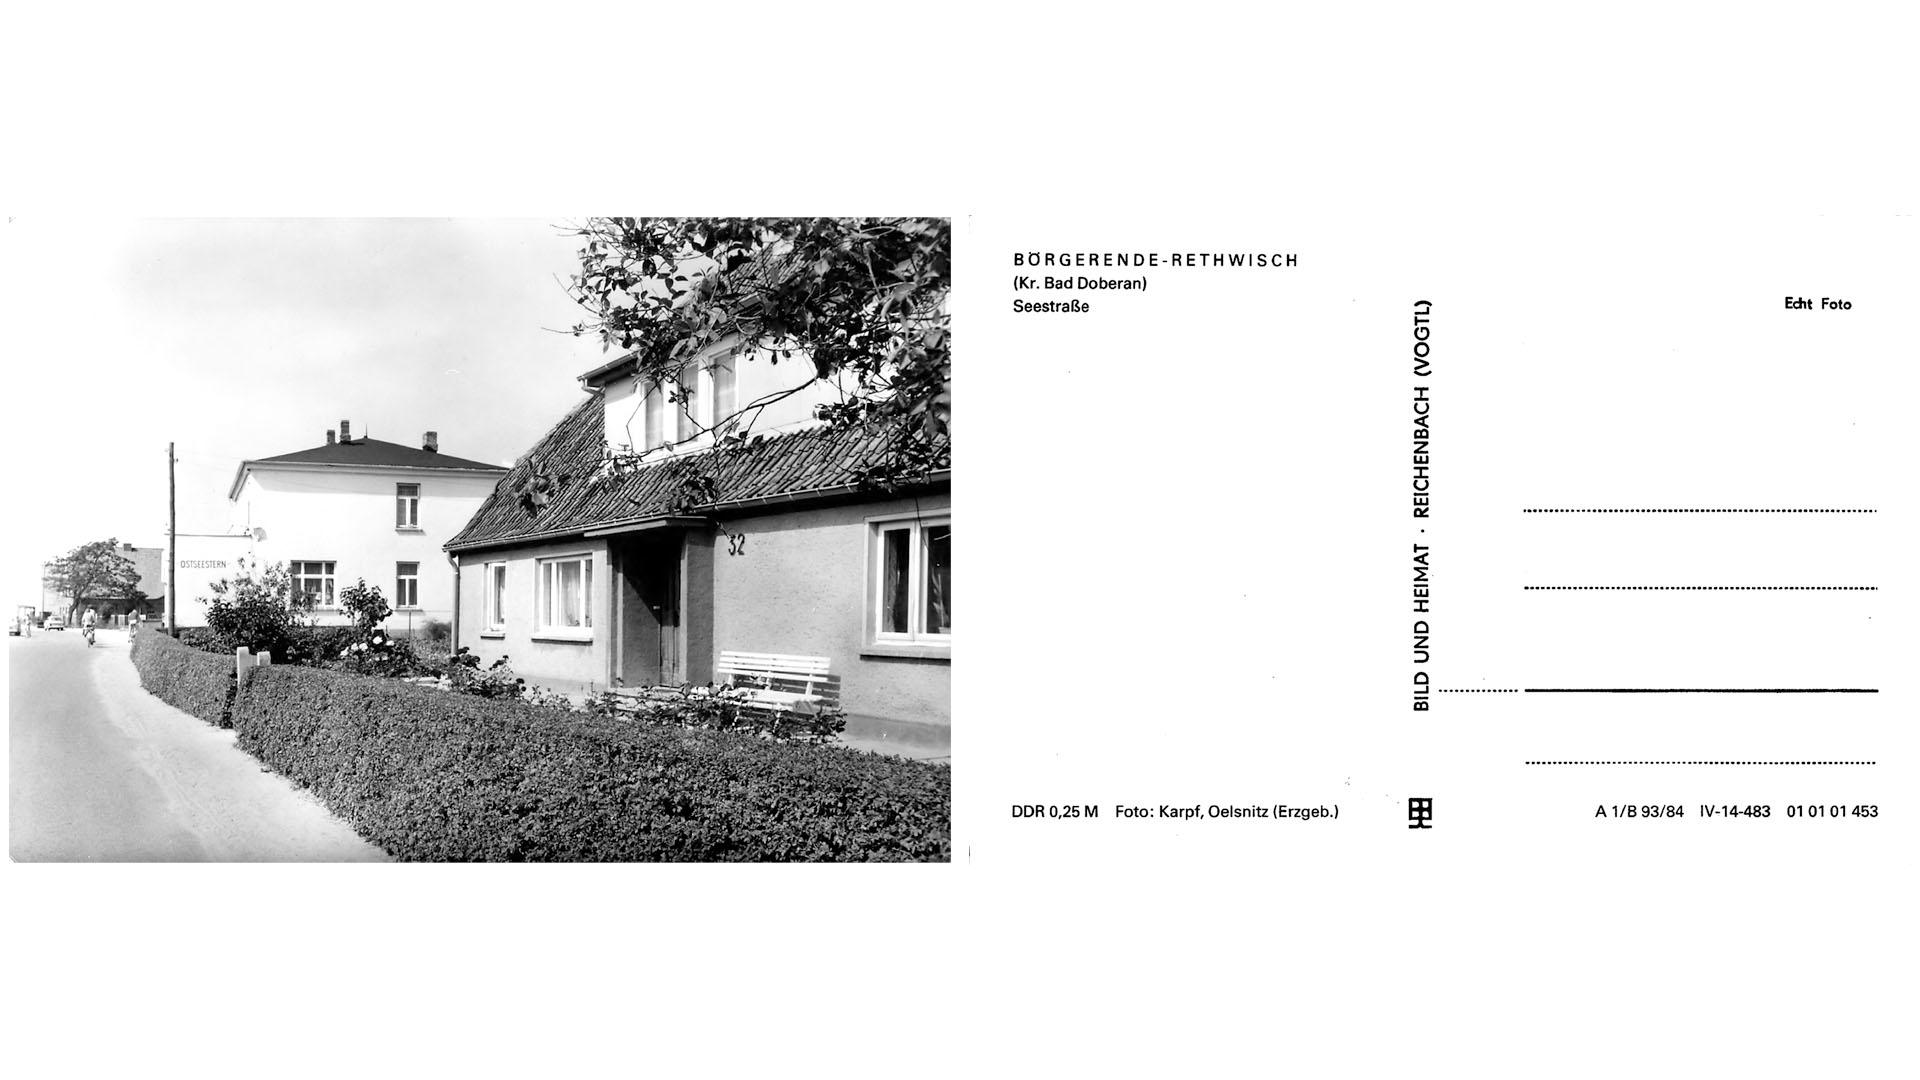 Börgerende-Rethwisch - Seestraße